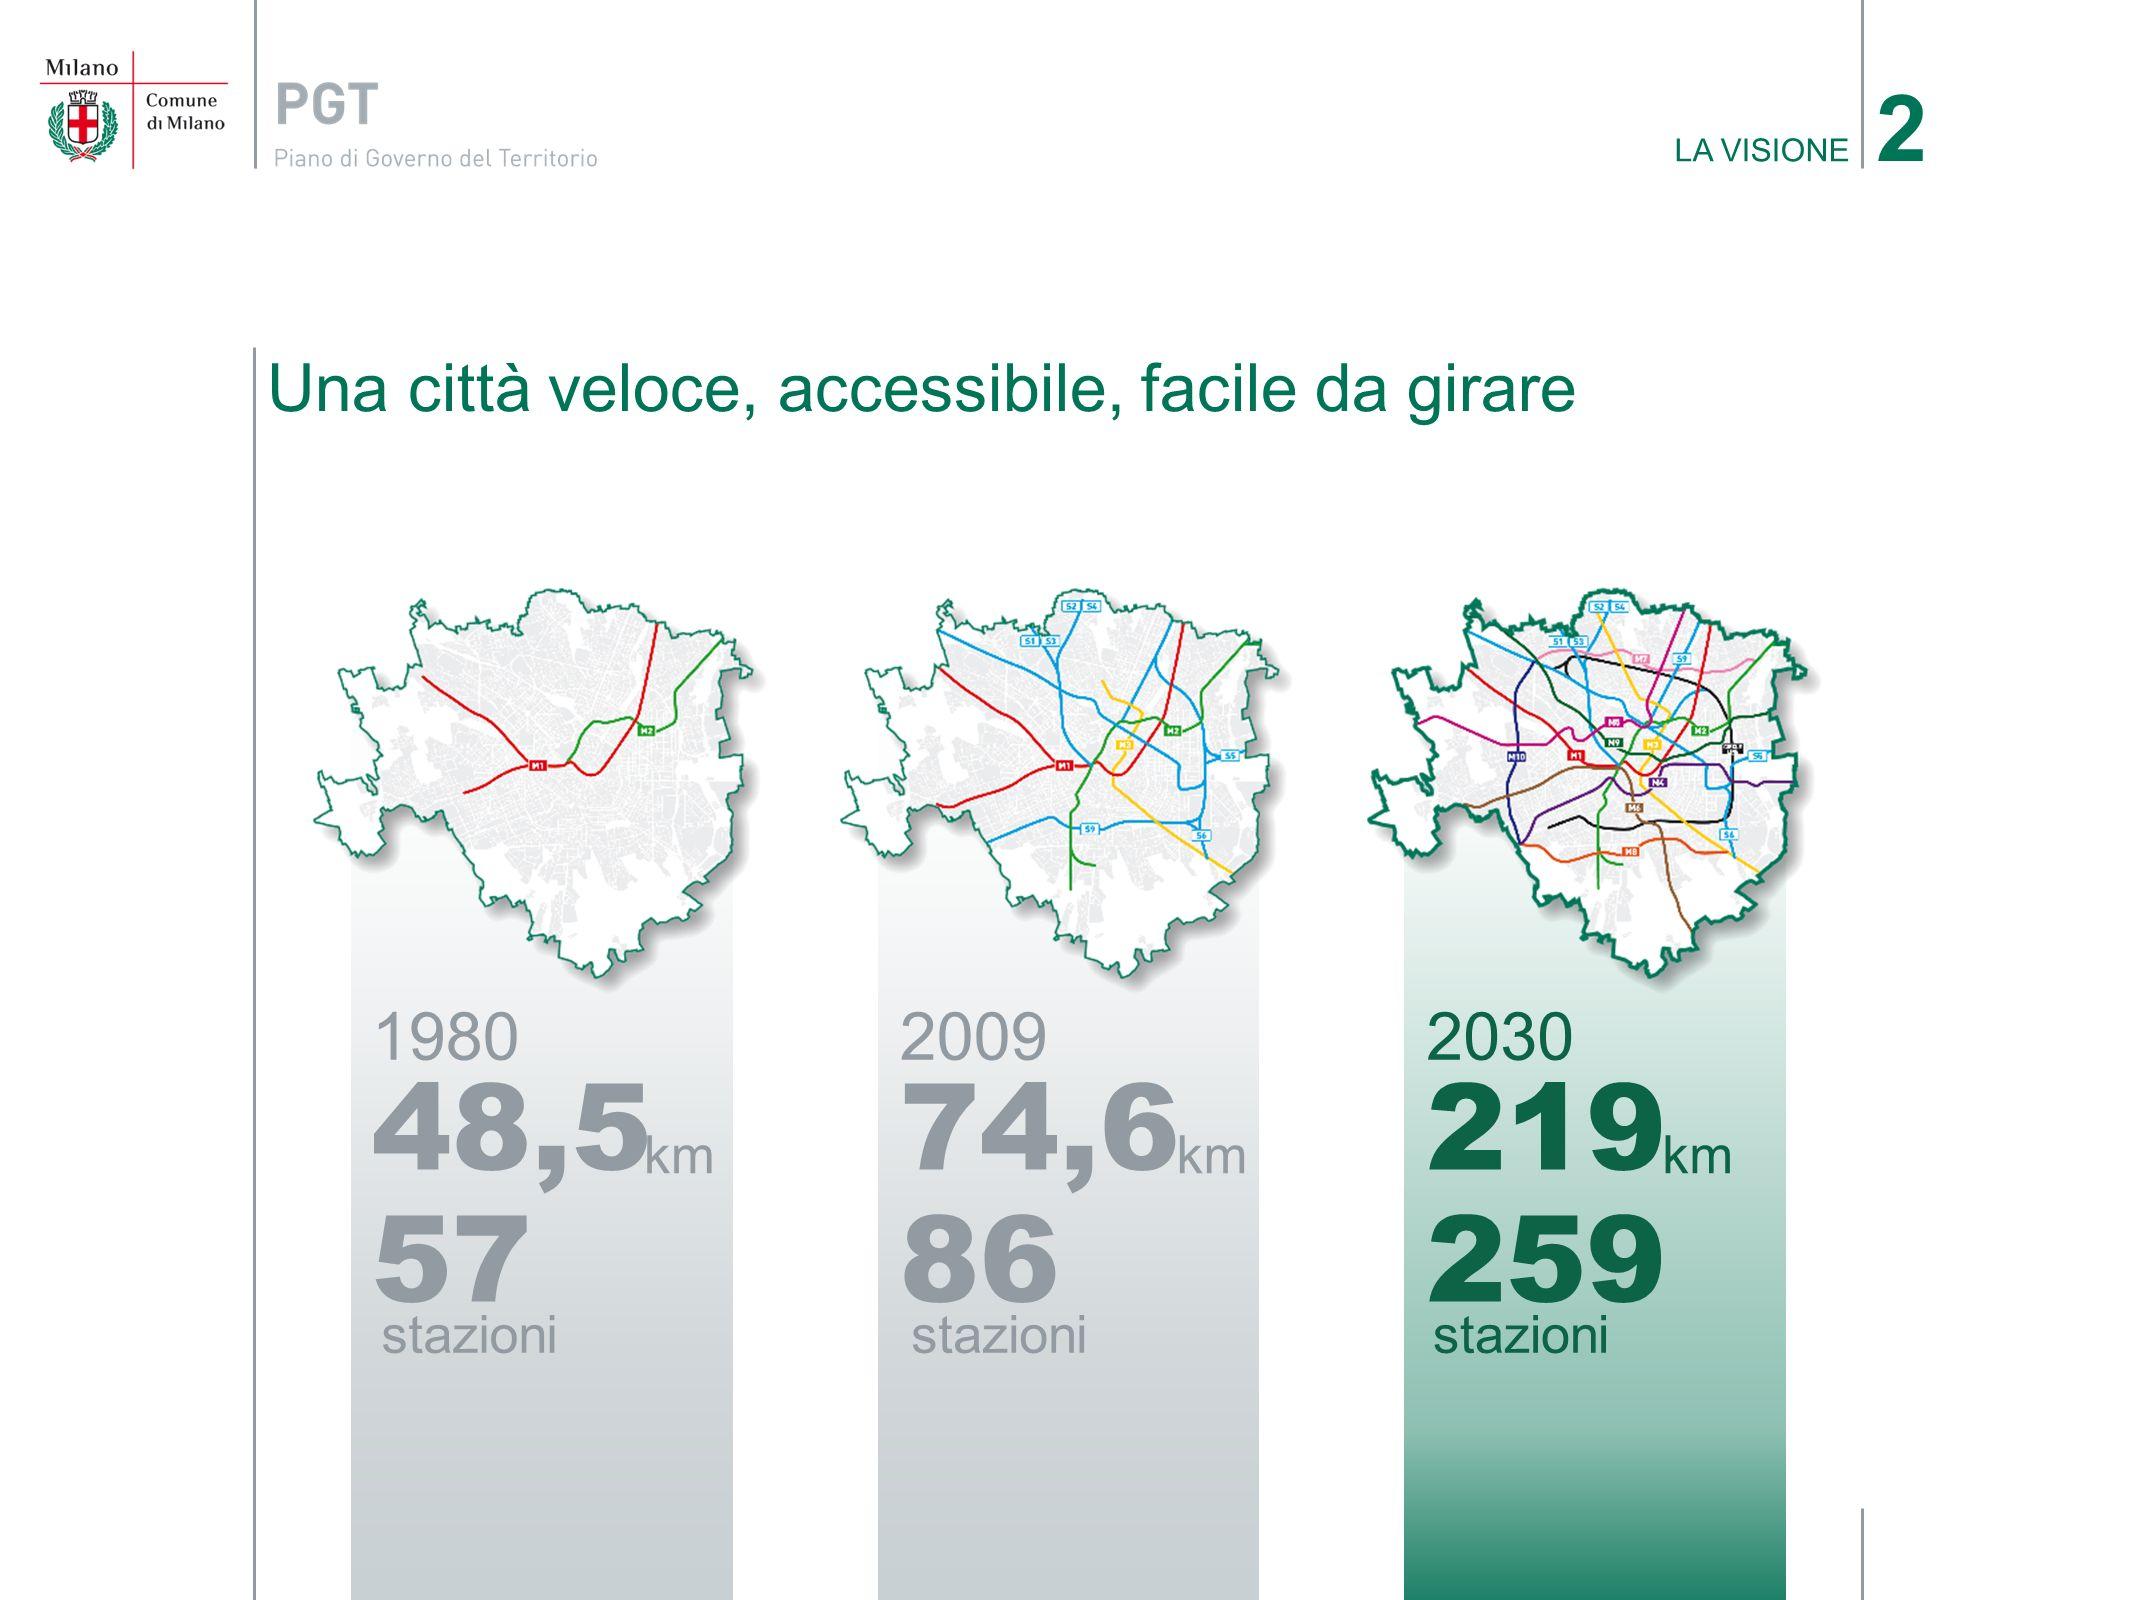 2 LA VISIONE. Una città veloce, accessibile, facile da girare. 1980. 48,5. km. 57. stazioni. 2009.